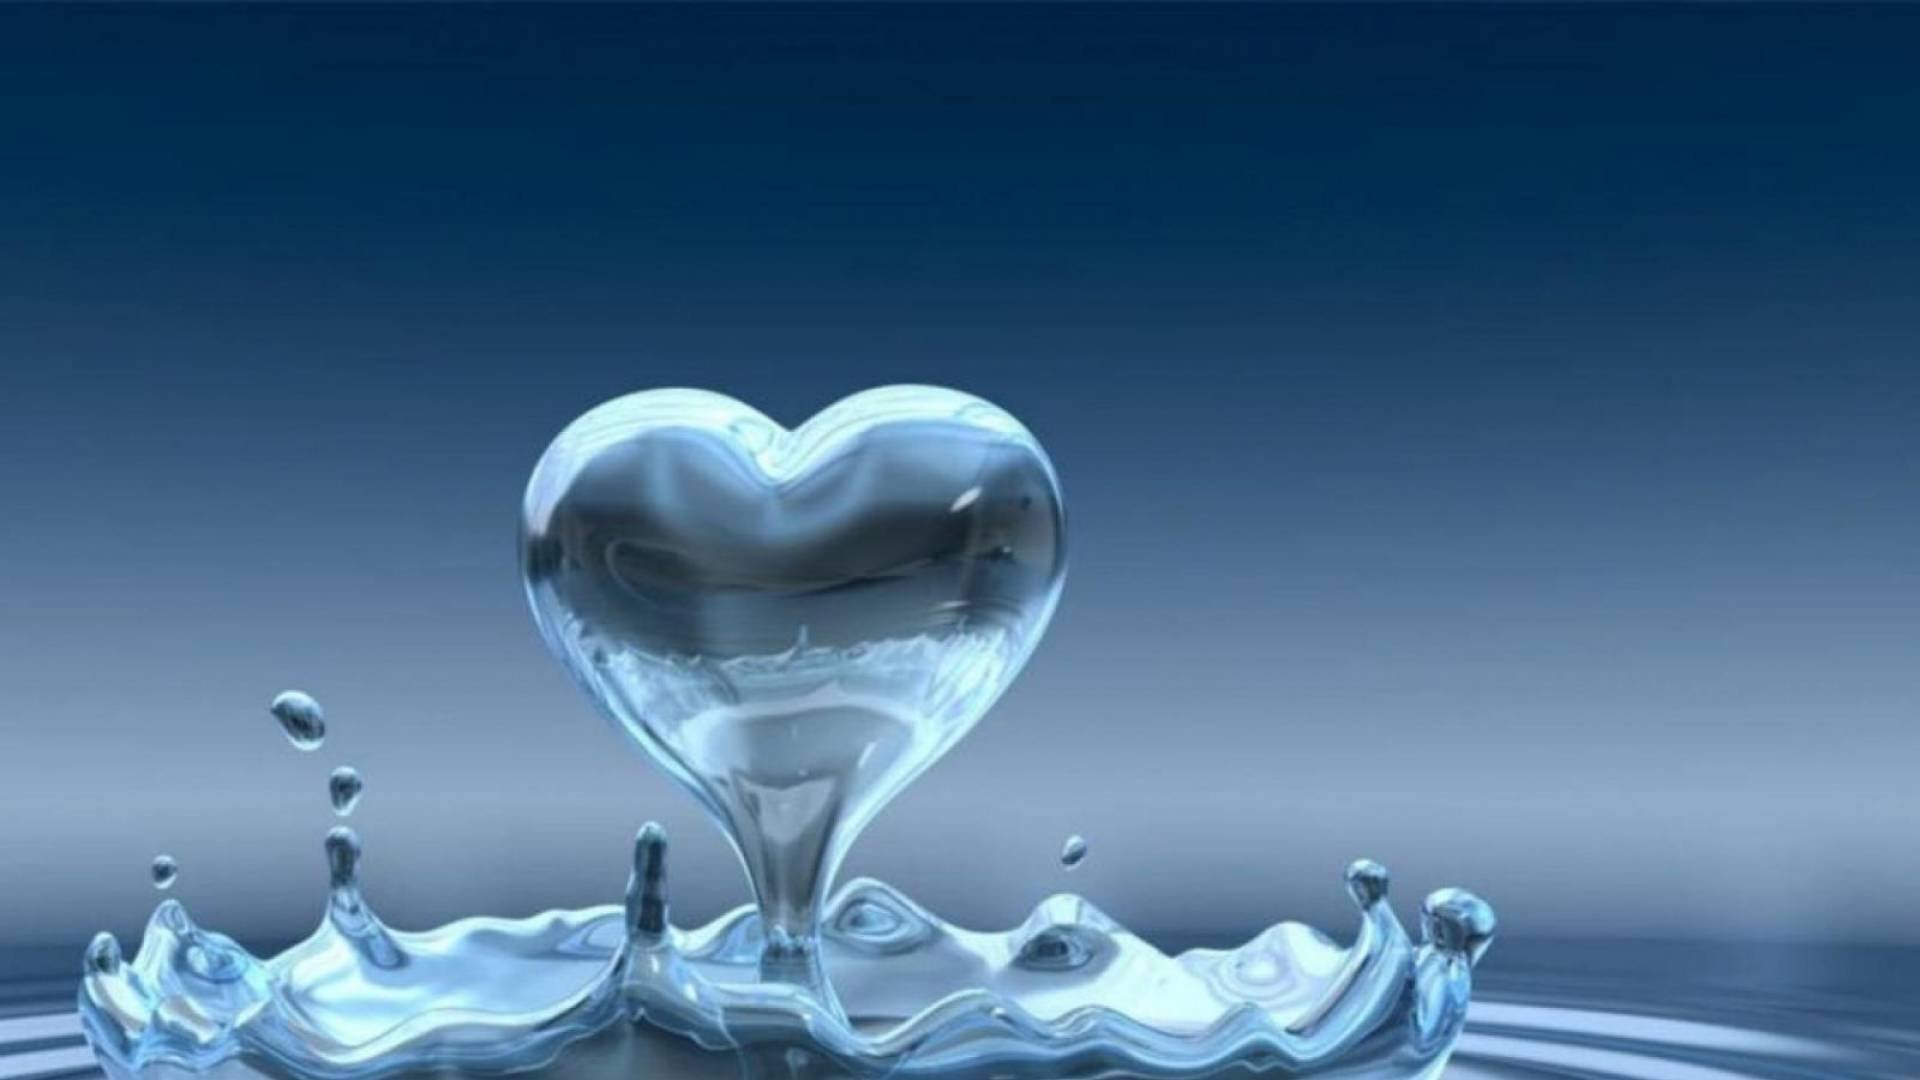 Water heart wallpaper   1920x1080   694664   WallpaperUP